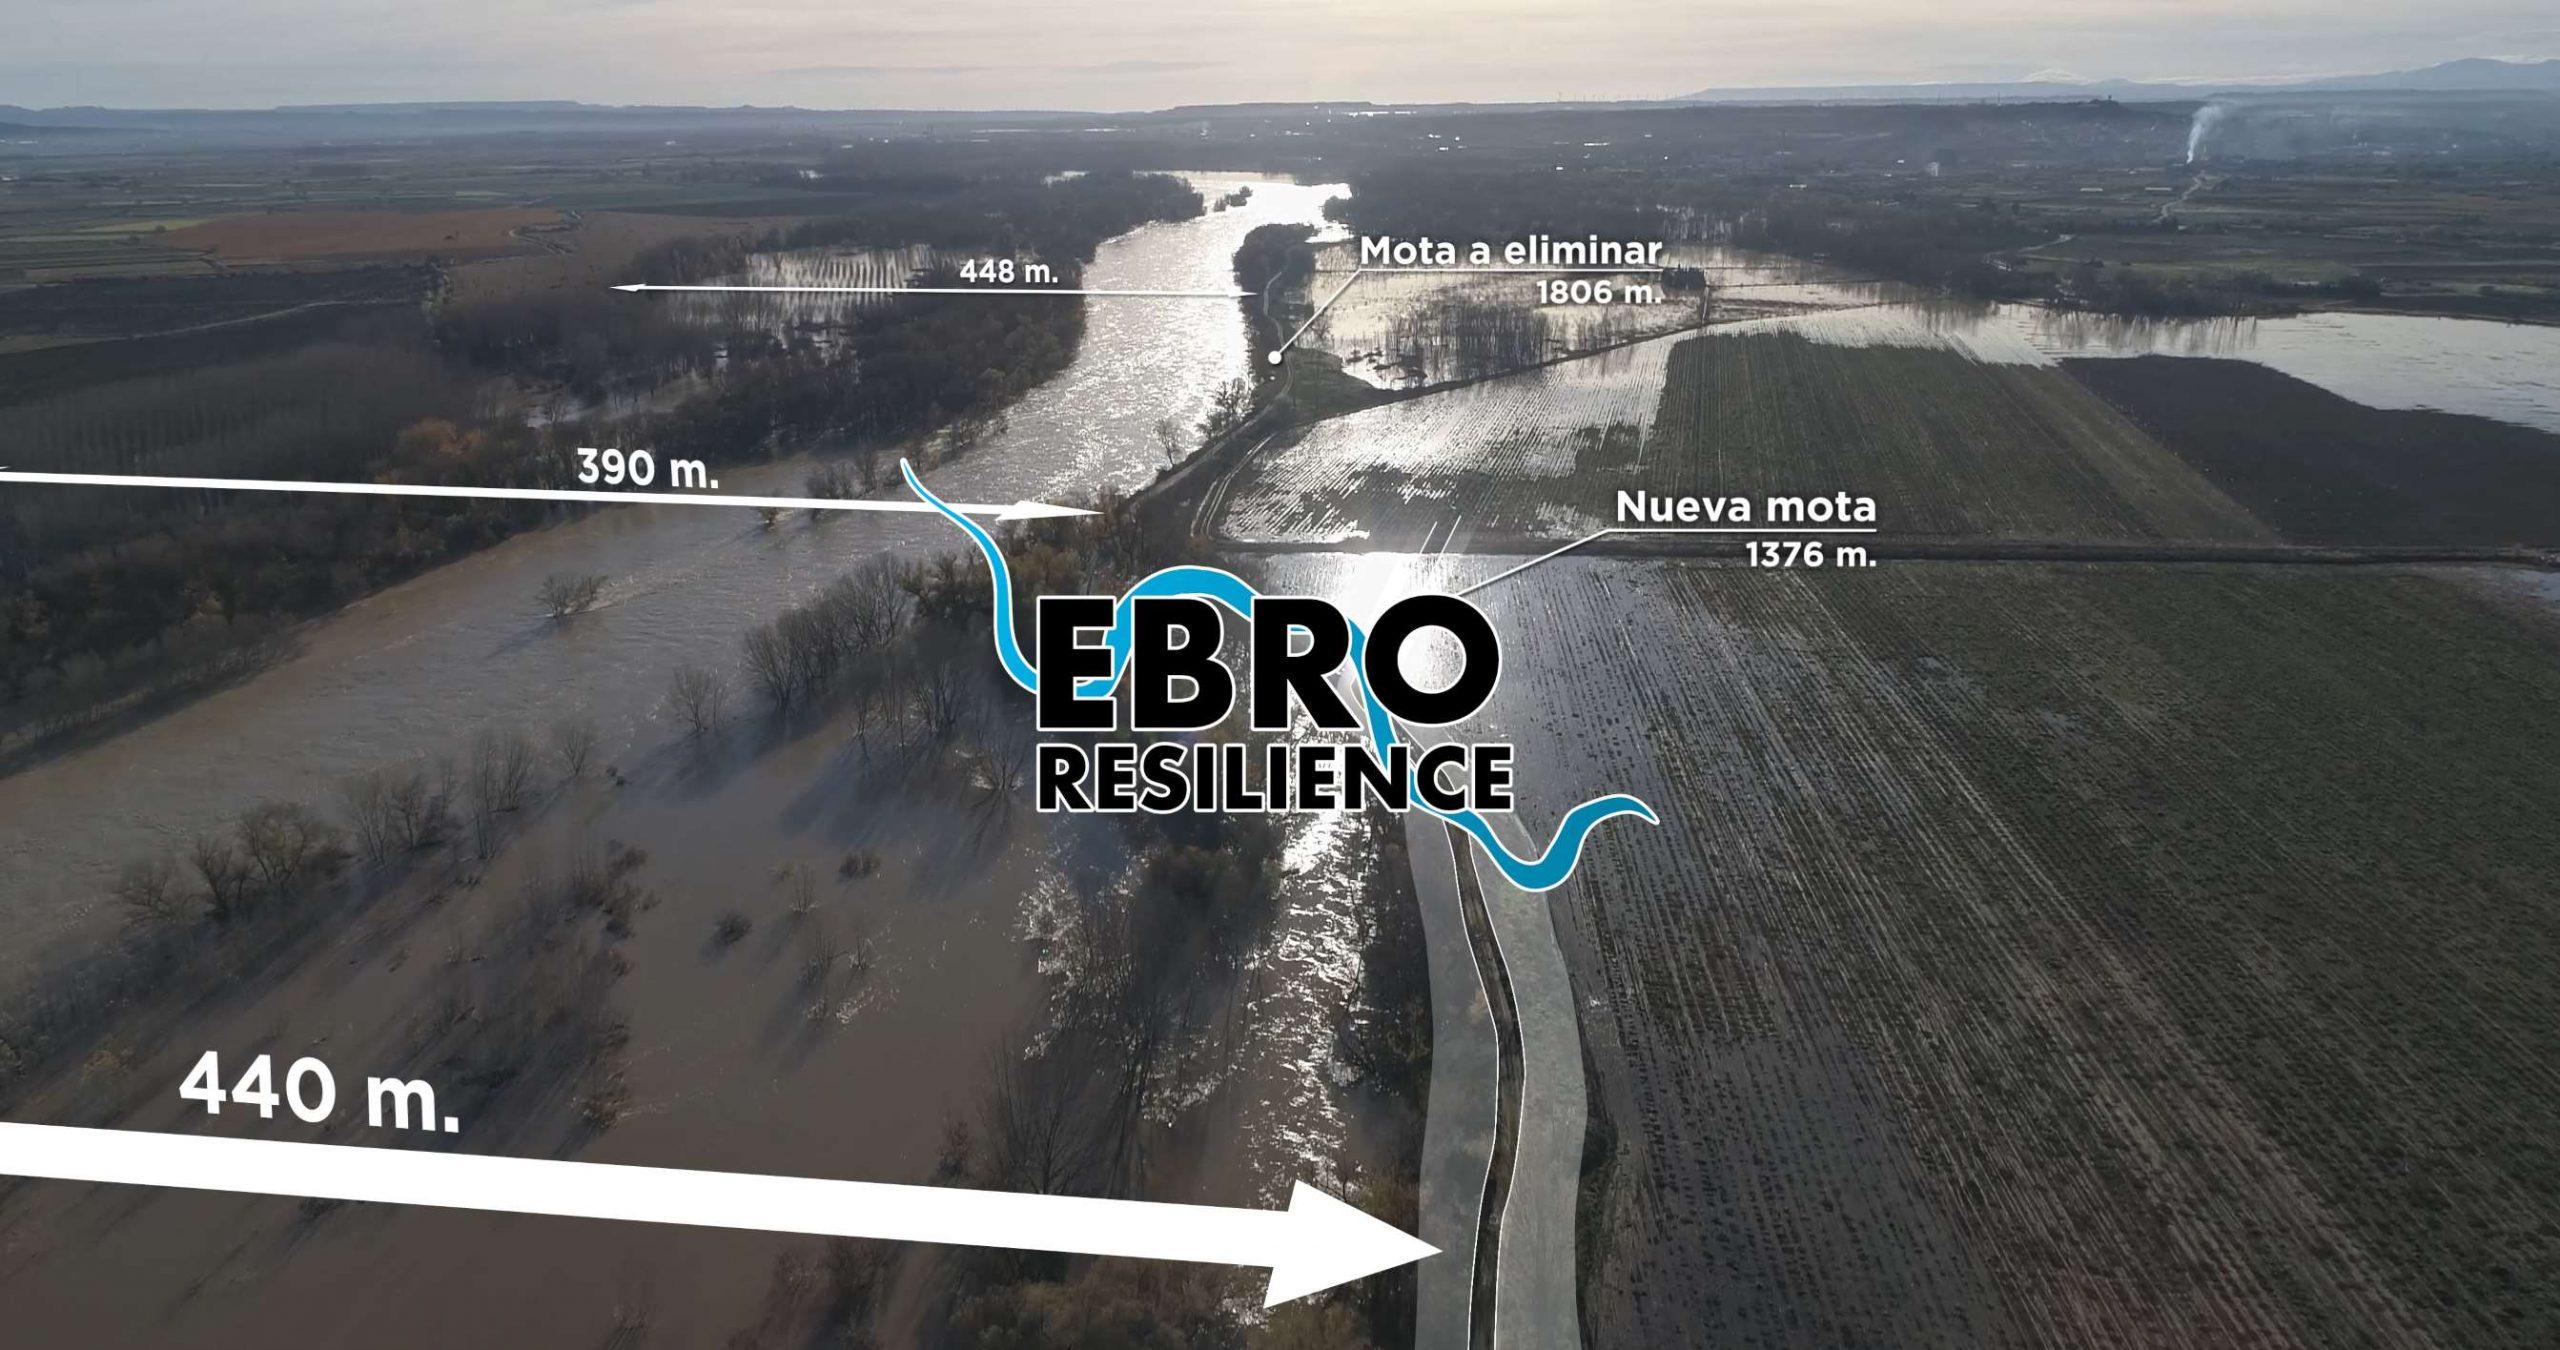 VIDEO: La restauración fluvial del Ebro en el paraje de La Nava (Alfaro, La Rioja)